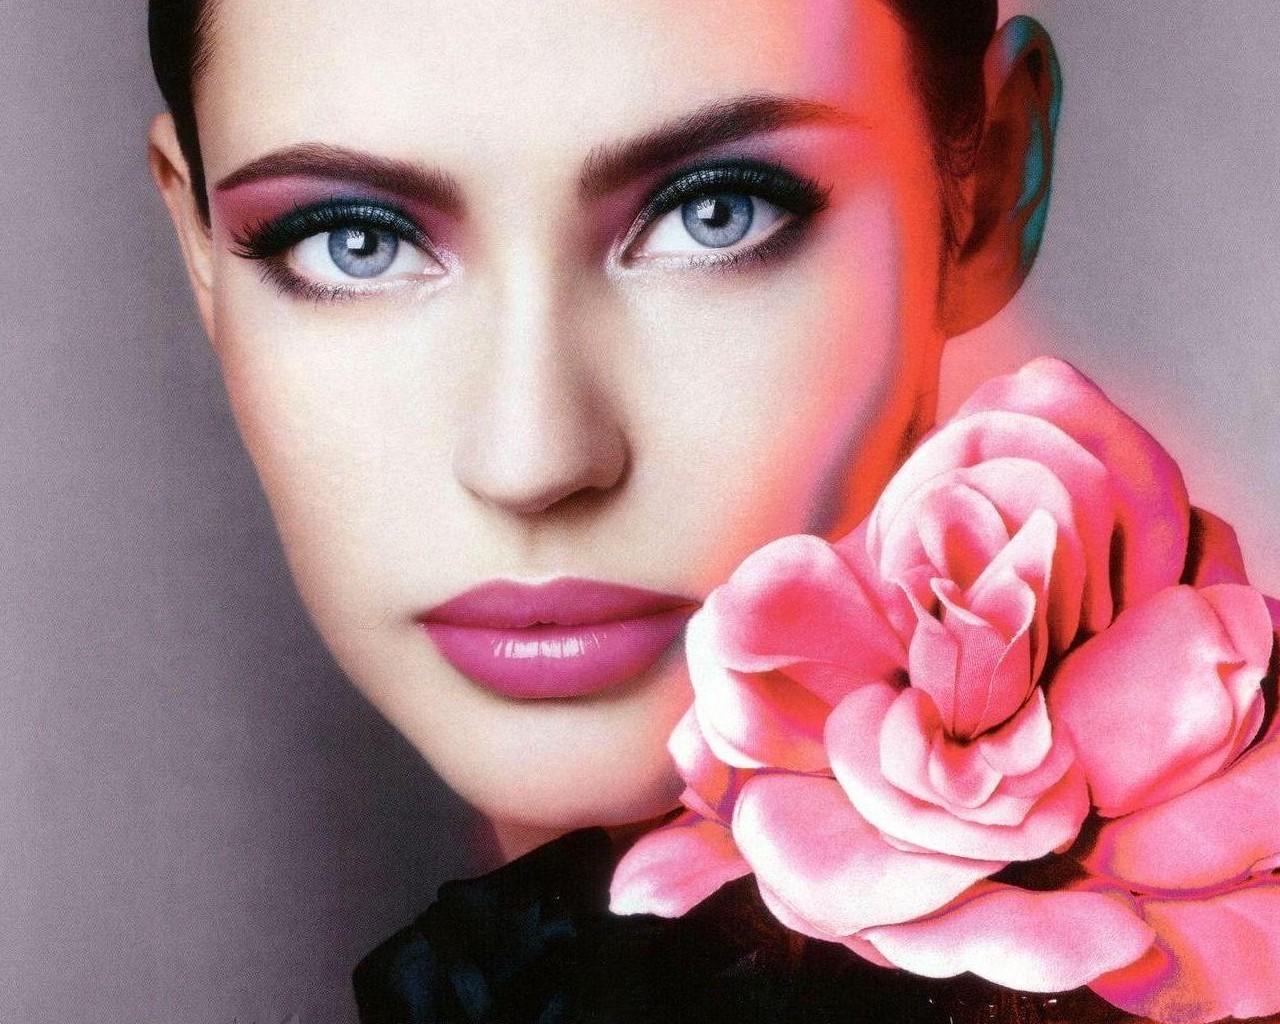 http://1.bp.blogspot.com/-REmbYMM_Xo8/TtR3mEBveTI/AAAAAAAABOU/eY1En0WzywQ/s1600/bianca-balti_0bf60d6c.jpg